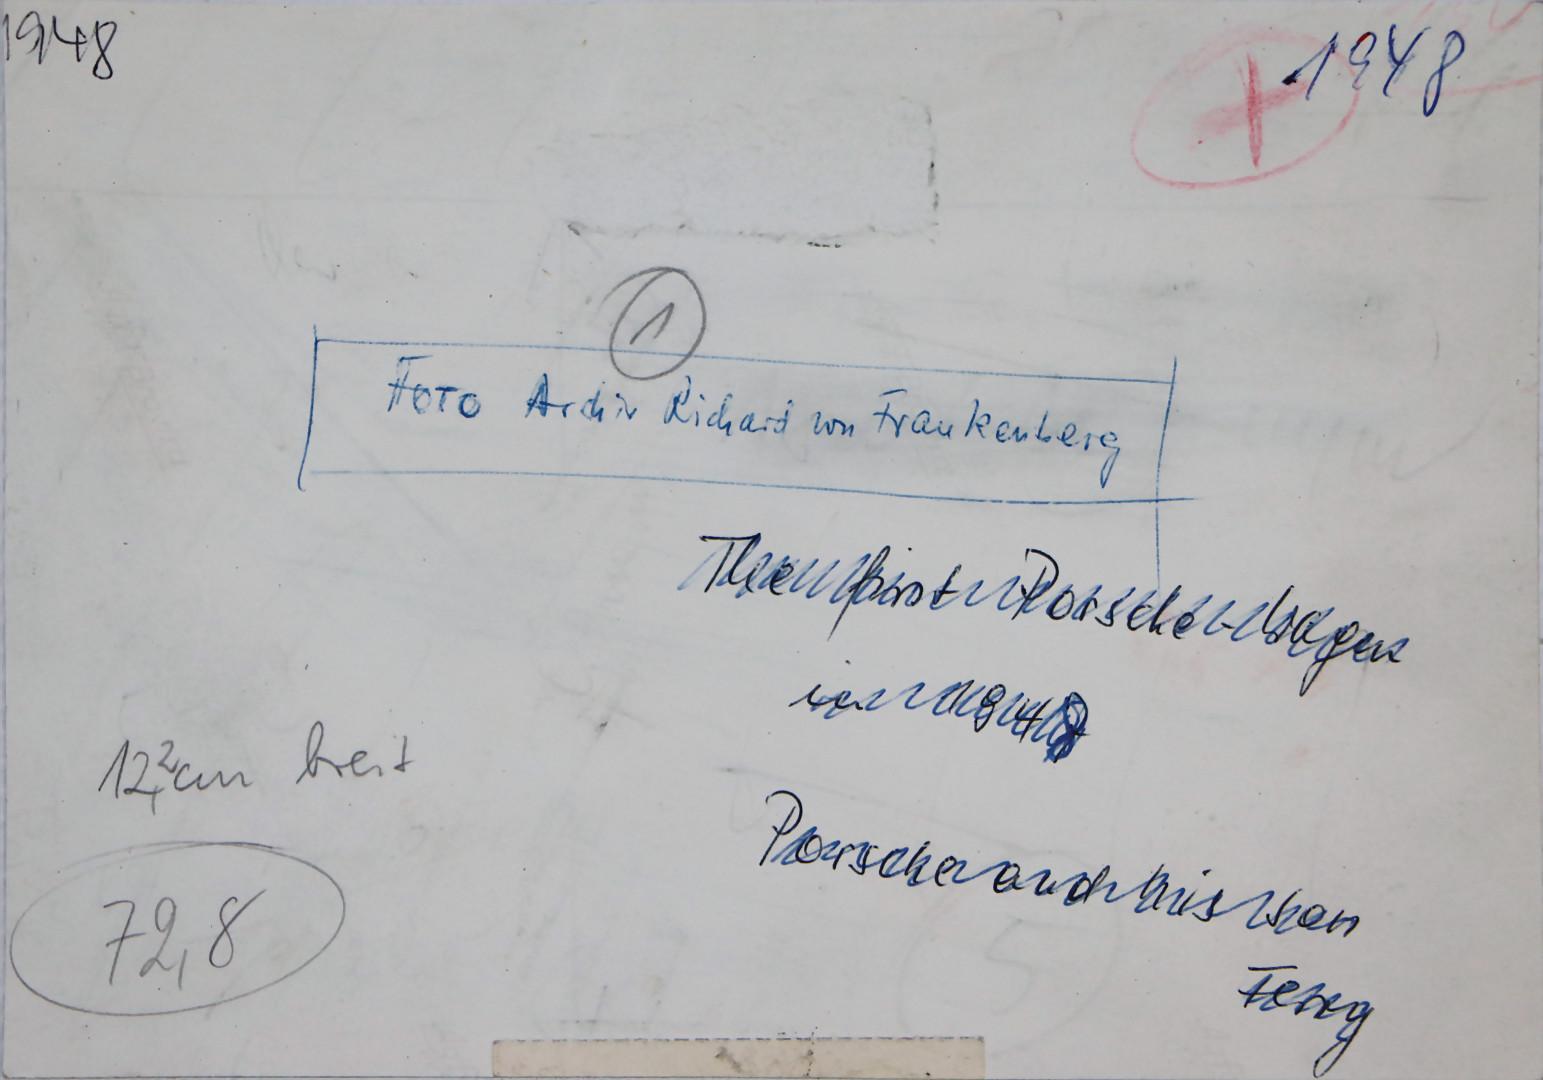 PORSCHE Original s/w Aufnahme von 1948, Ferry und Ferdinand Porsche neben dem Porsche 356 Nr. 1 - Zuschlag 1.201 €